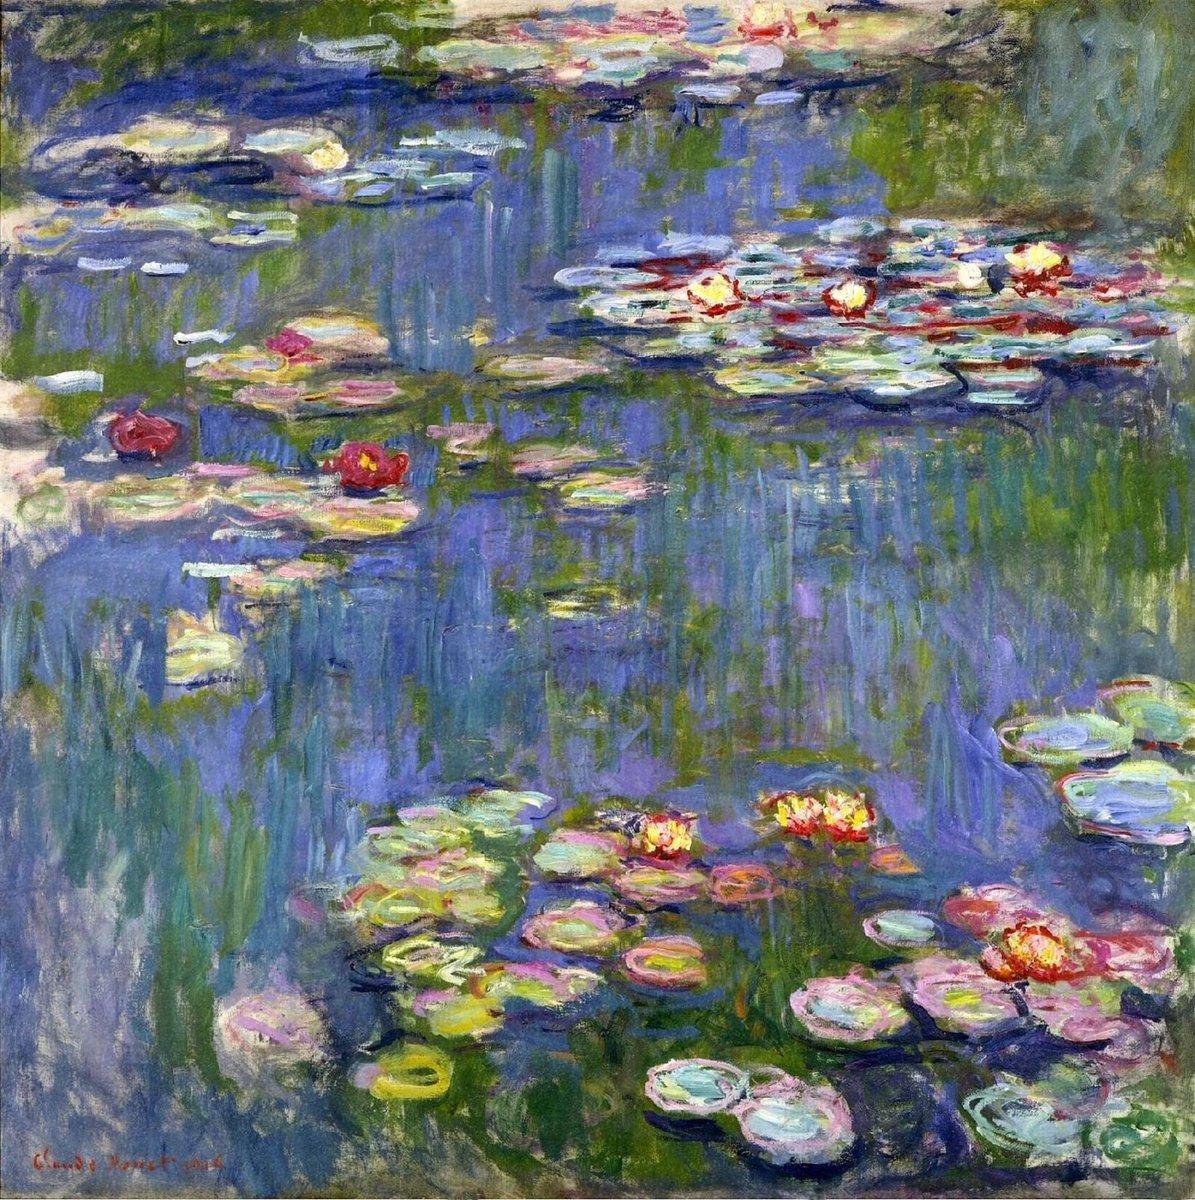 RT @artistmonet: Water Lilies, 1916 #impressionism #claudemonet https://t.co/vkduN75ZUQ